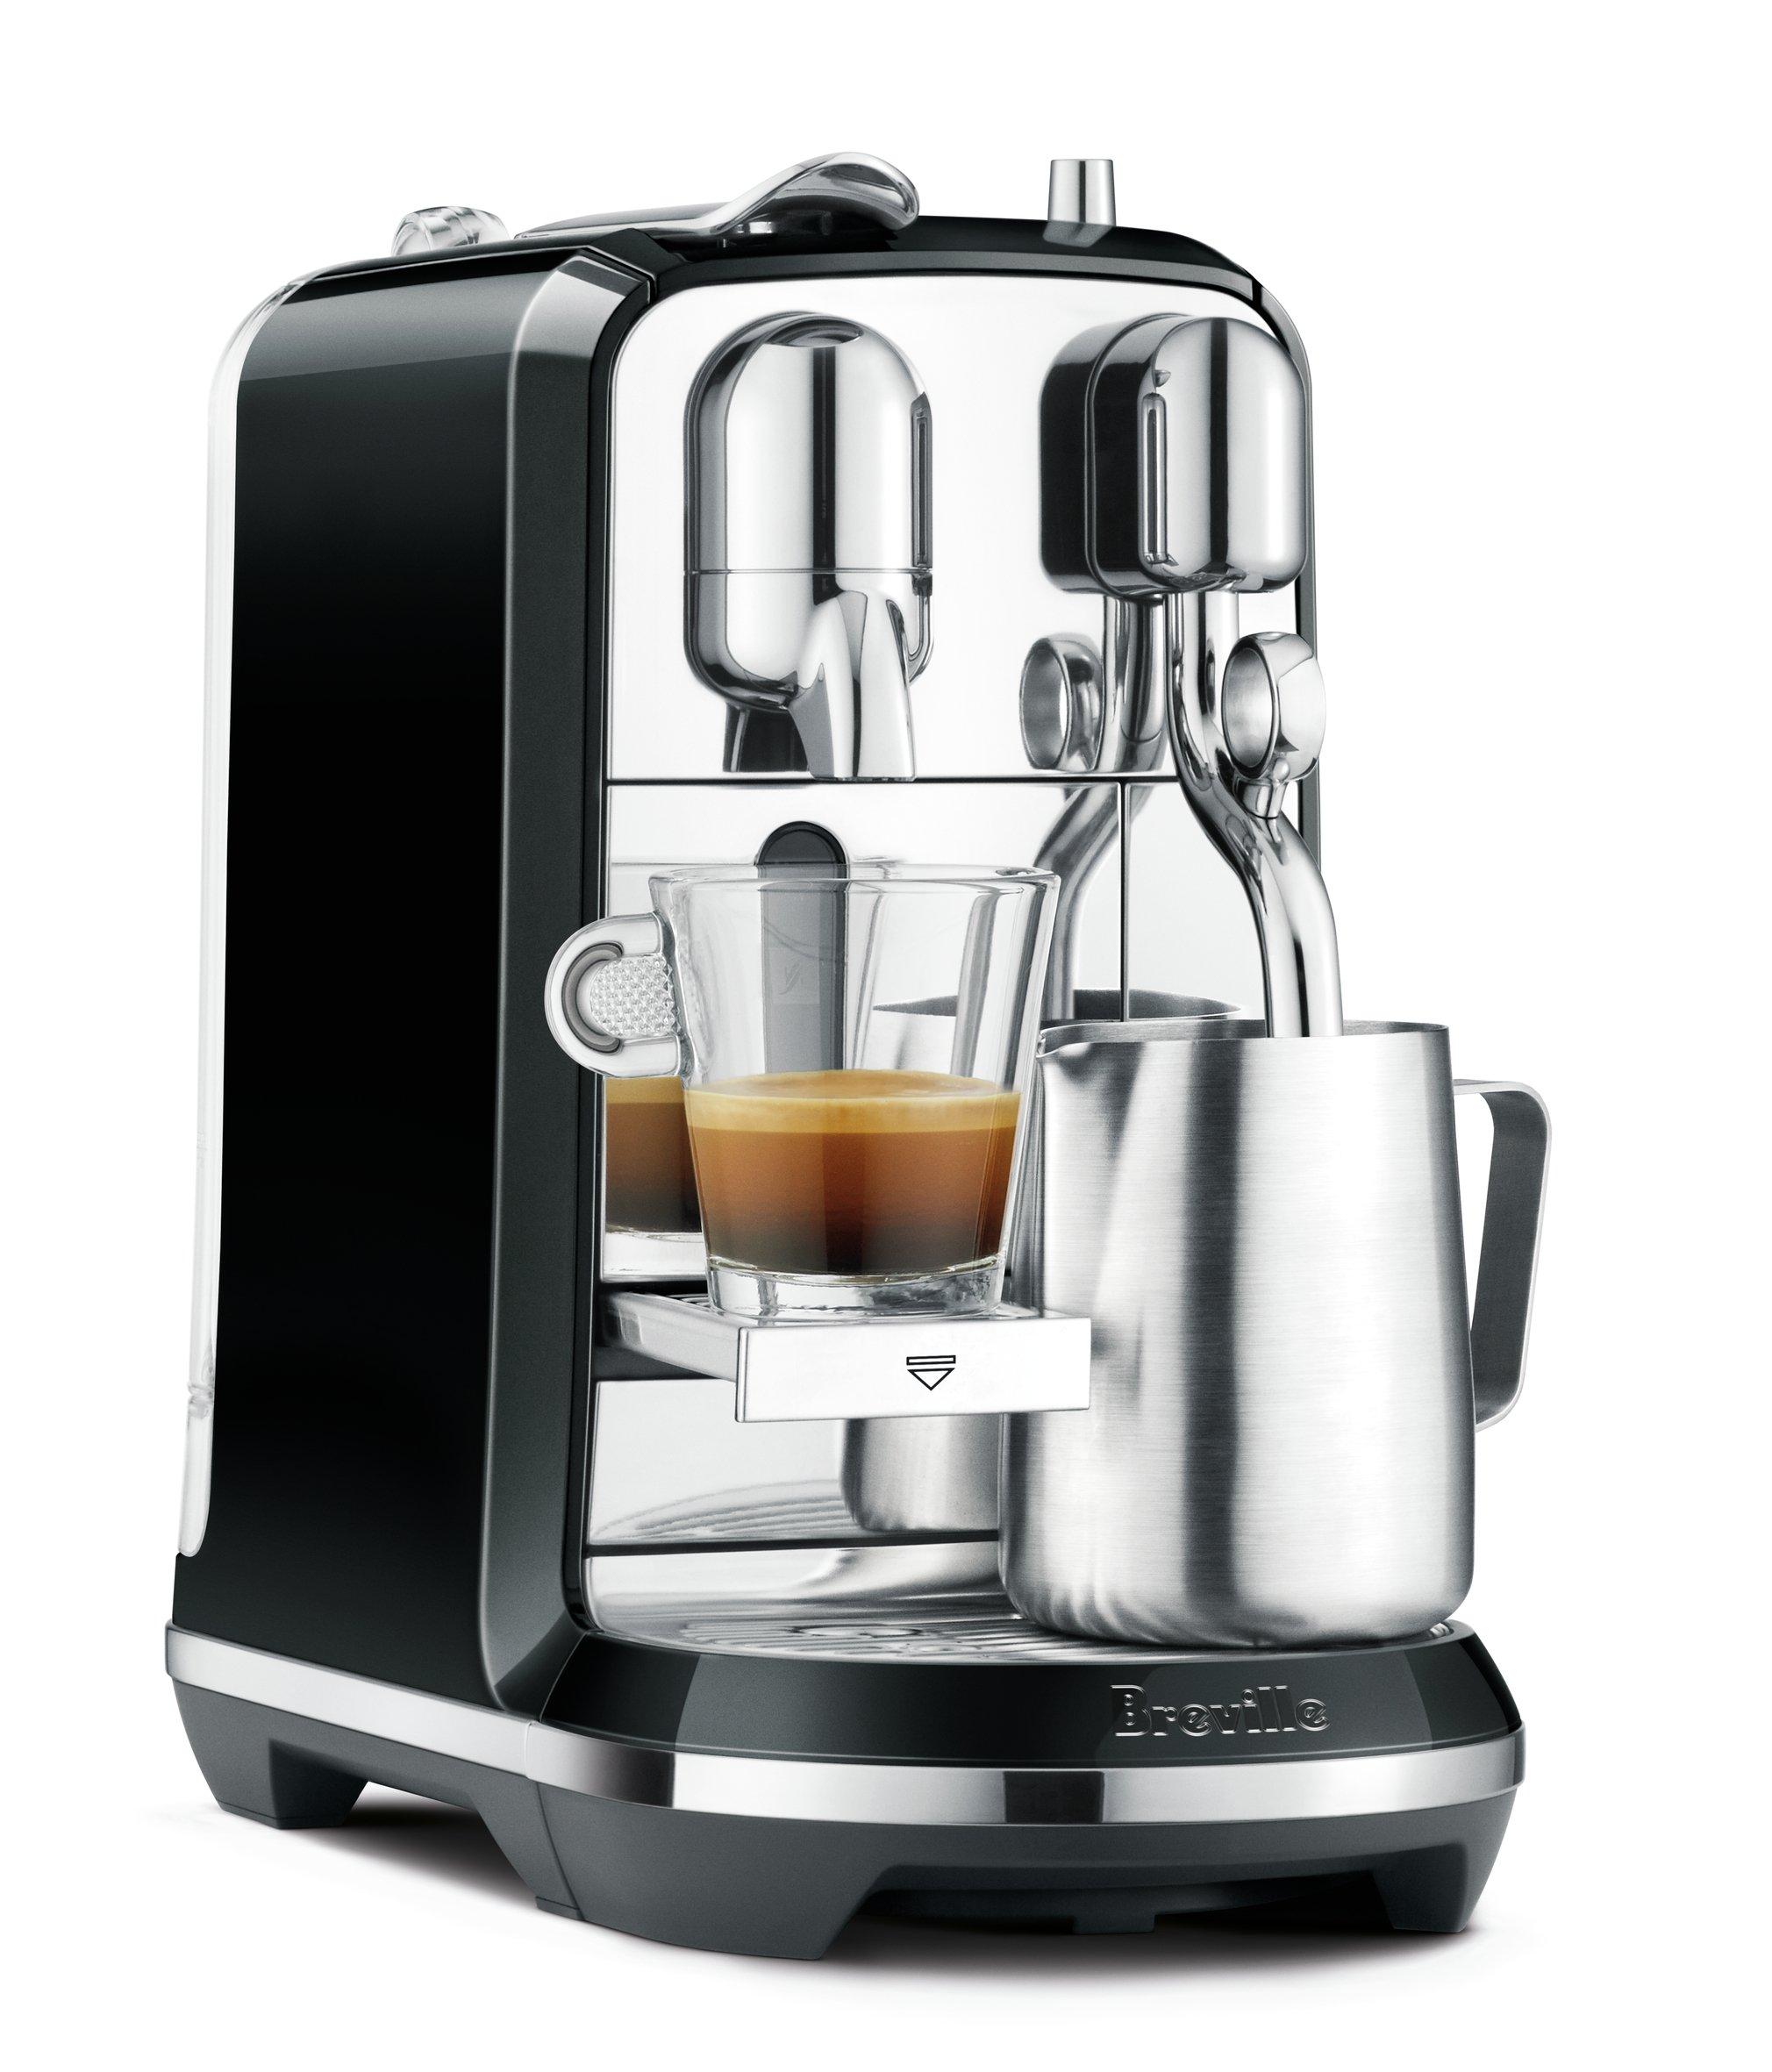 Breville Nespresso Creatista Single Serve Espresso Machine with Milk Auto Steam Wand, Black